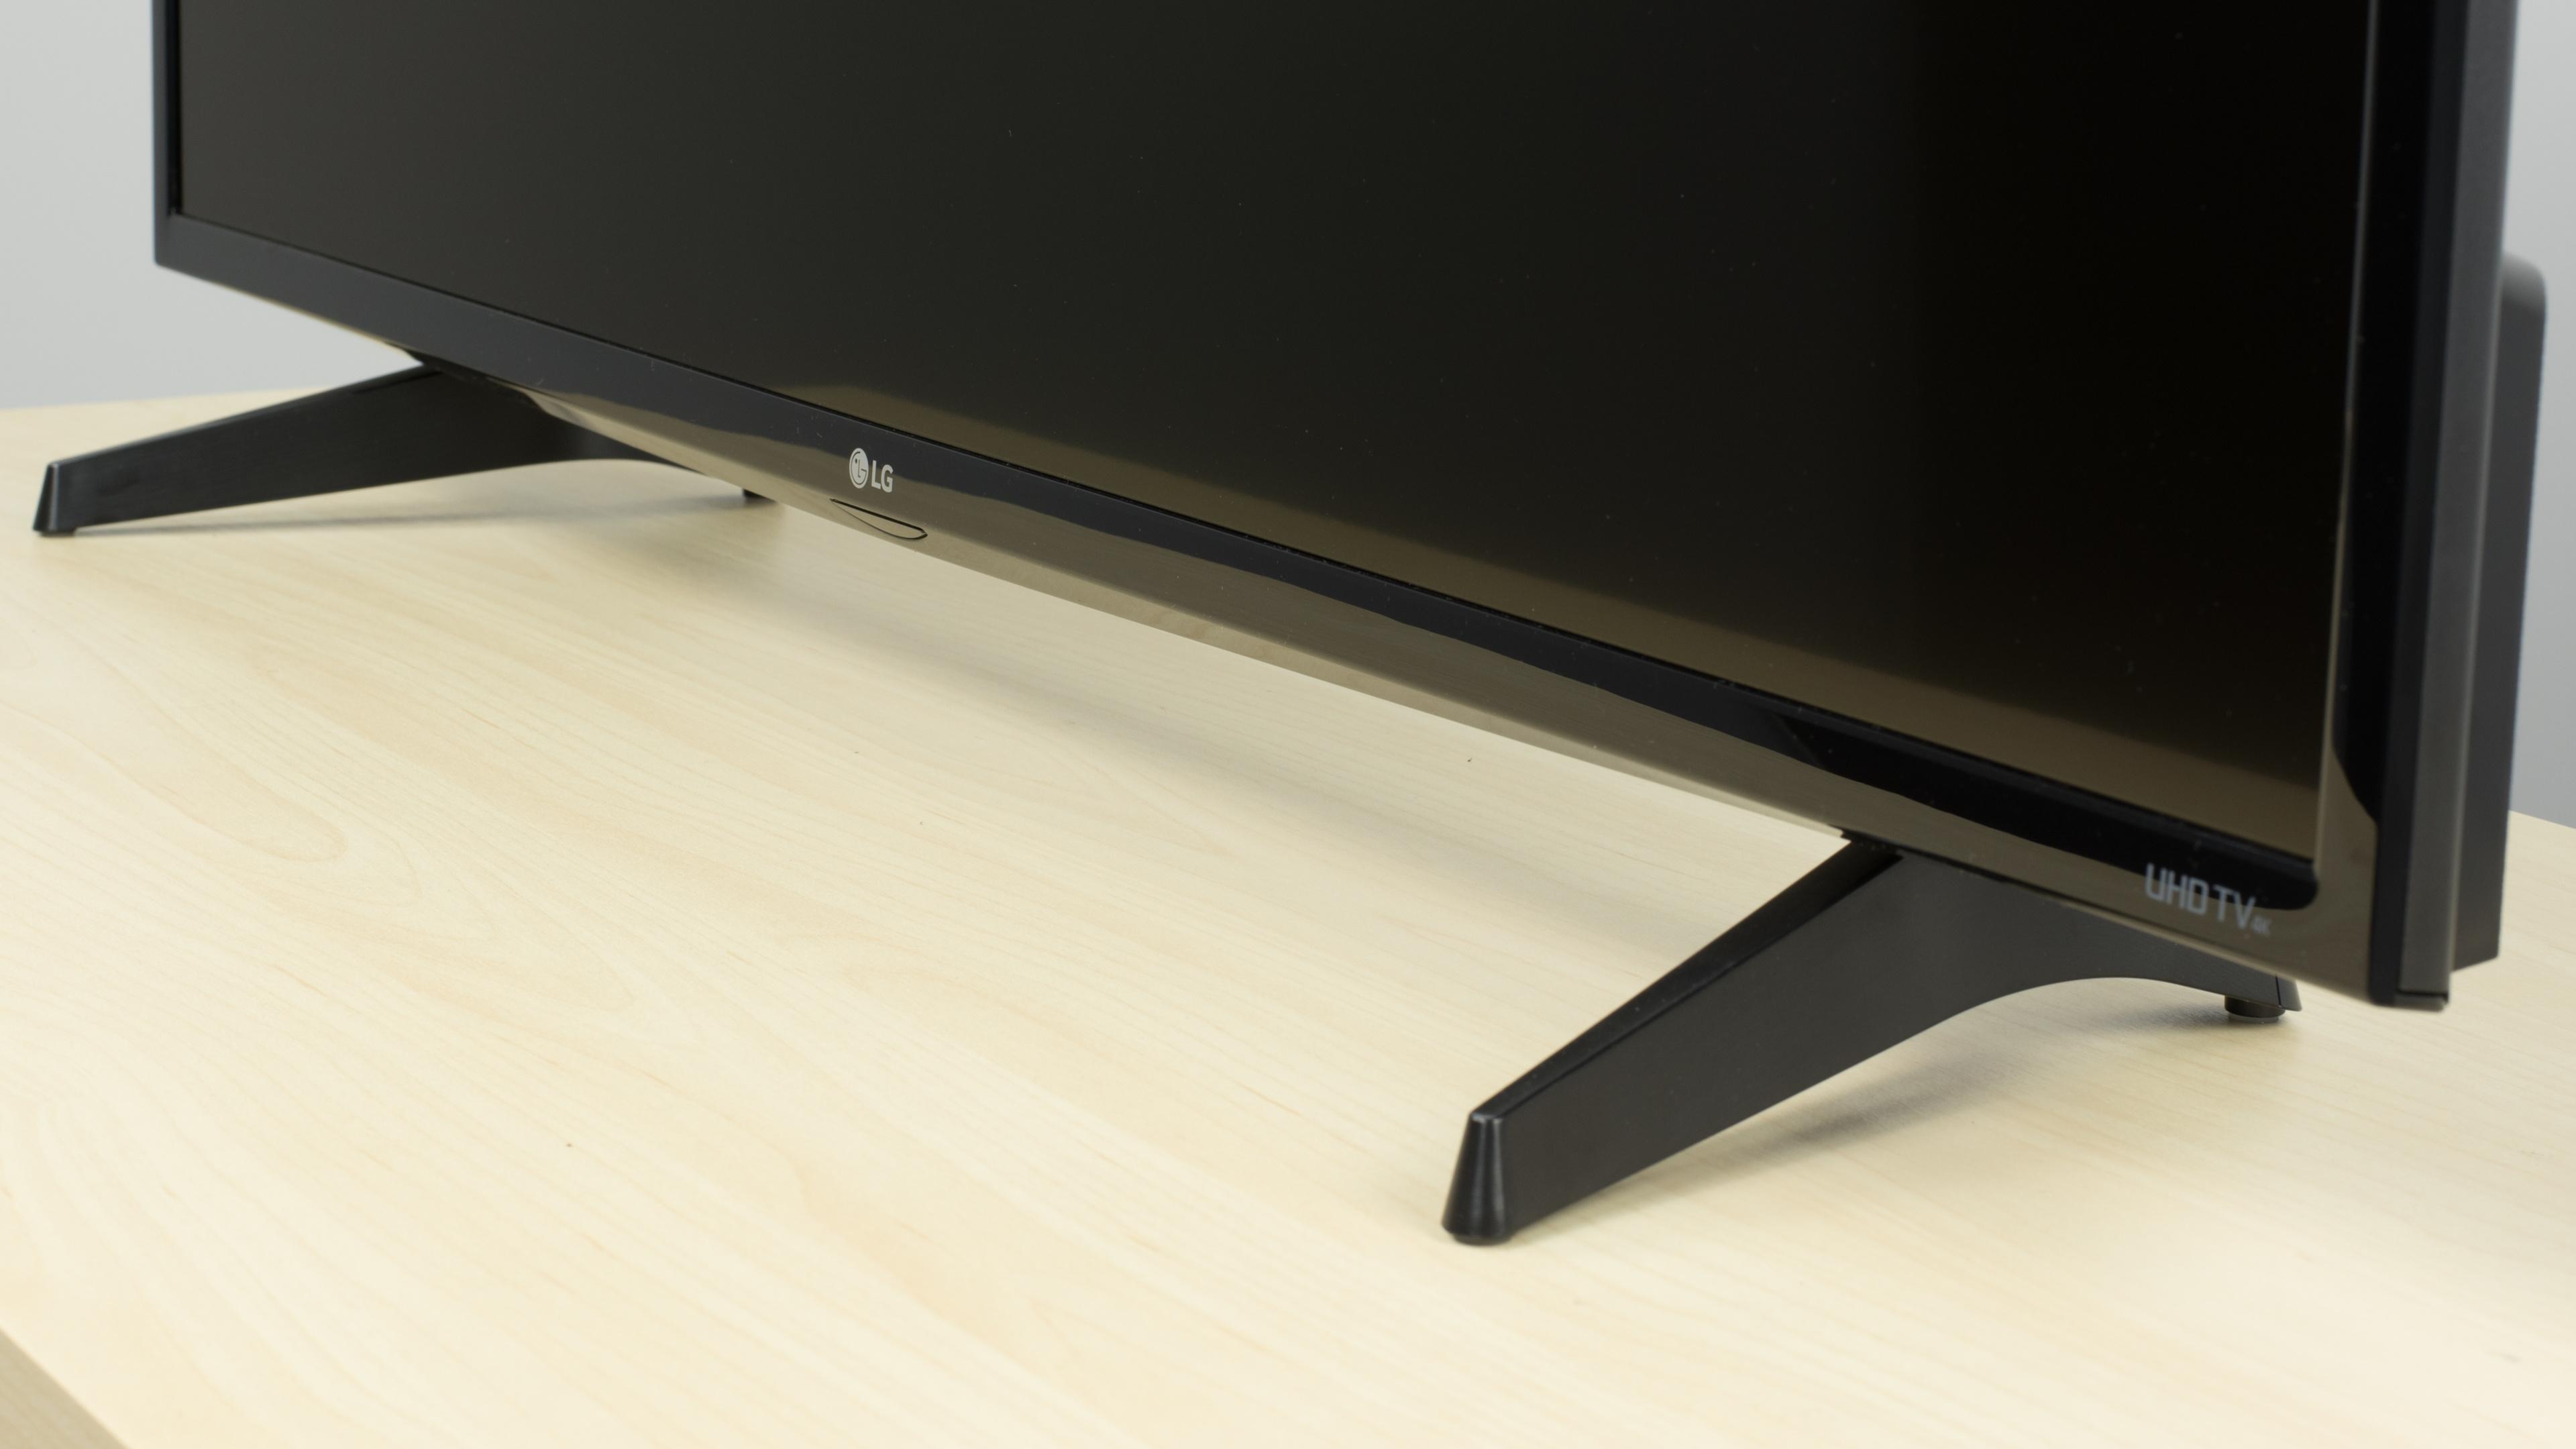 Lg Uh6100 Review 43uh6100 49uh6100  # Meubles Tv Fer Moderne